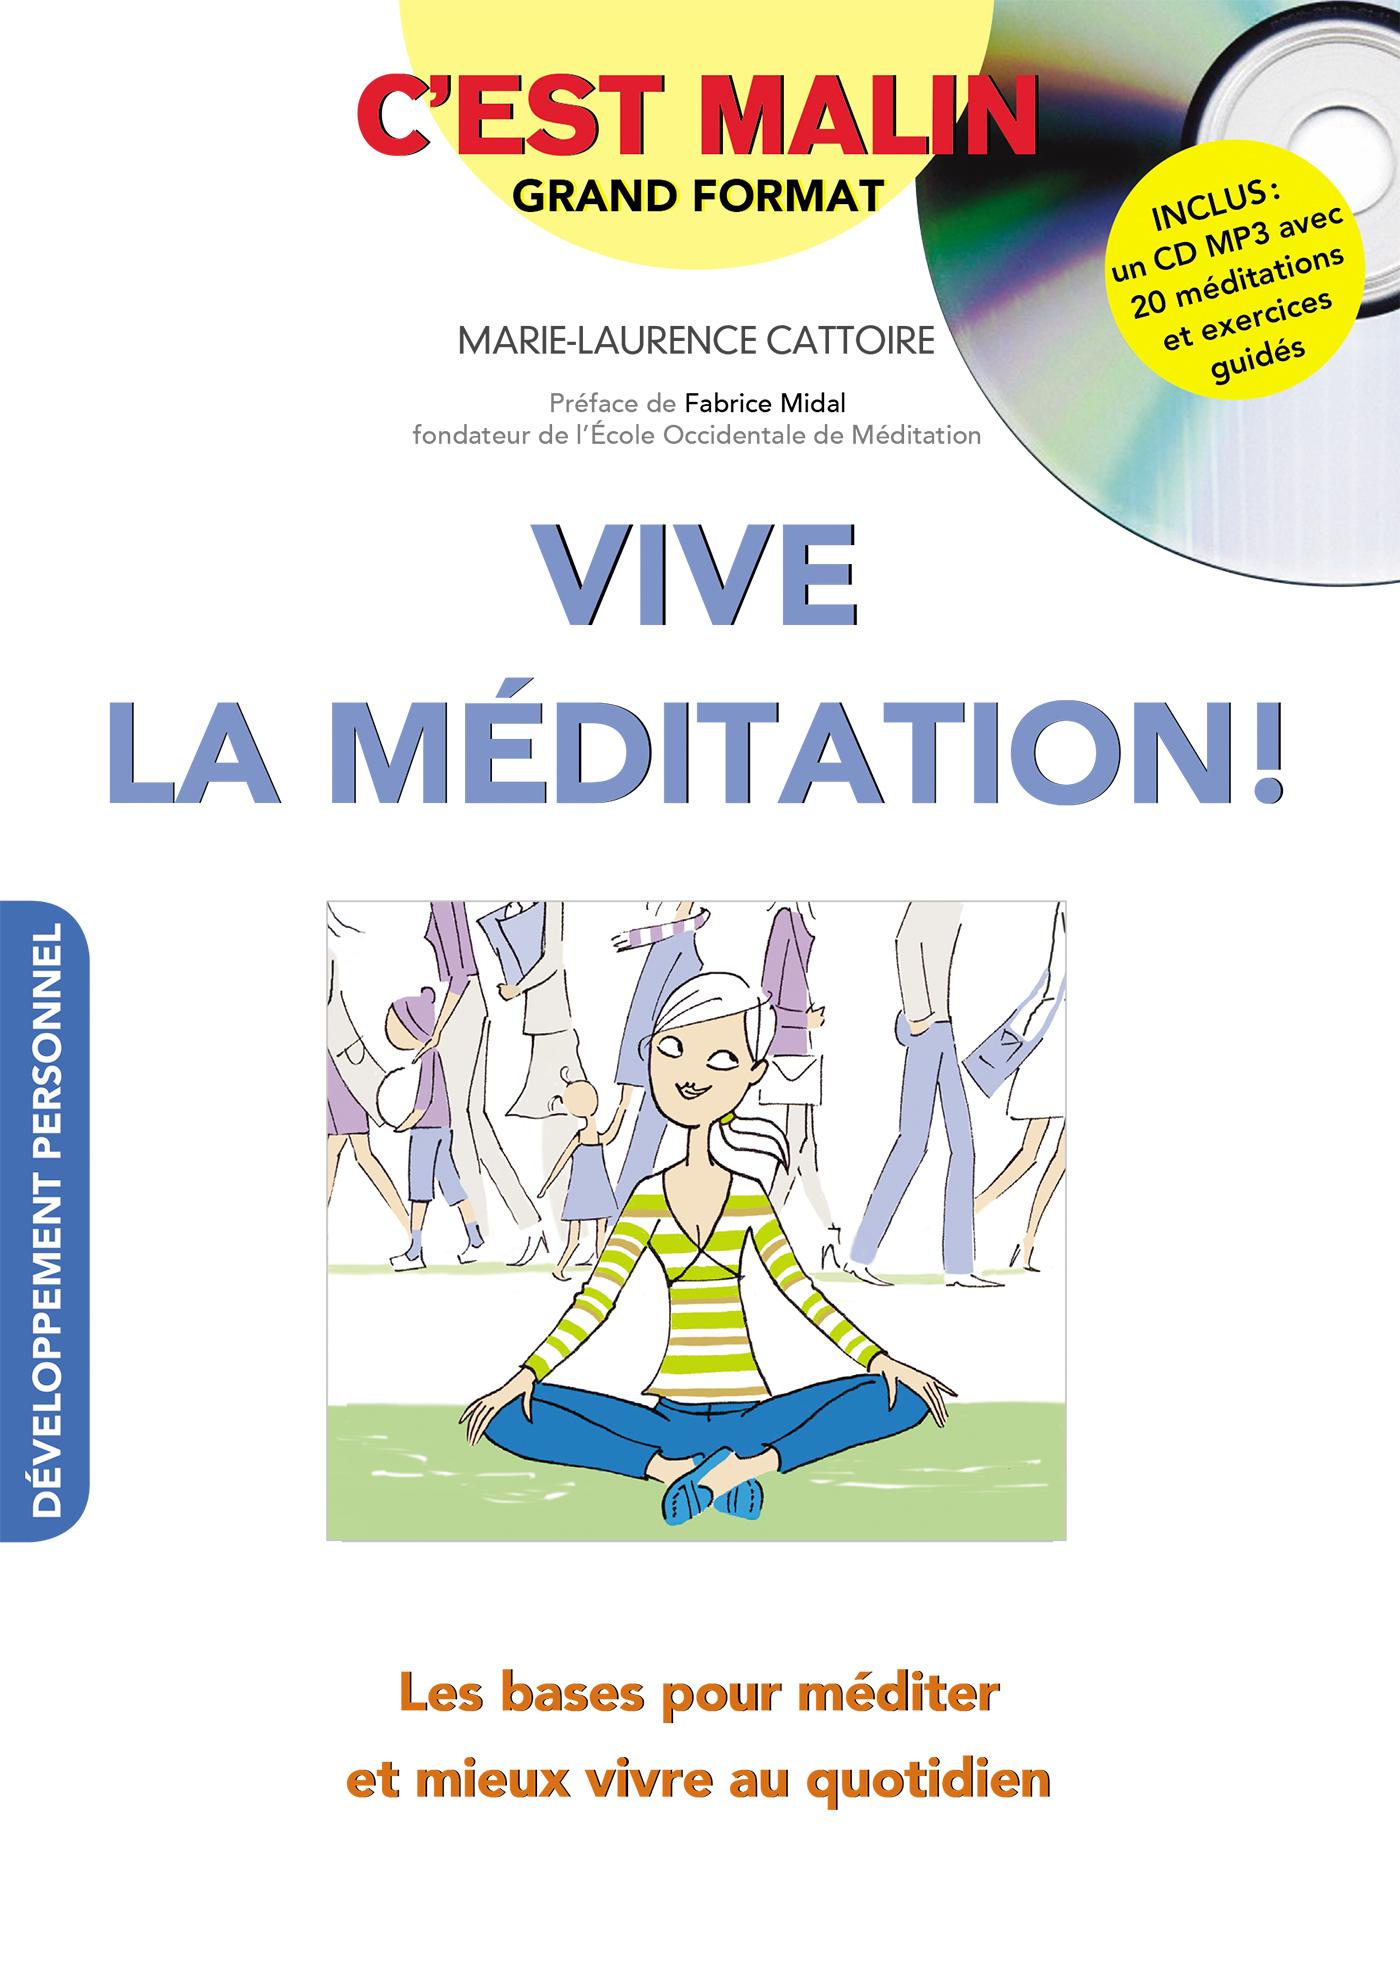 3 ejercicios de méditation verter retrouver votre pleine atención au ... - Le Huffington Post 1